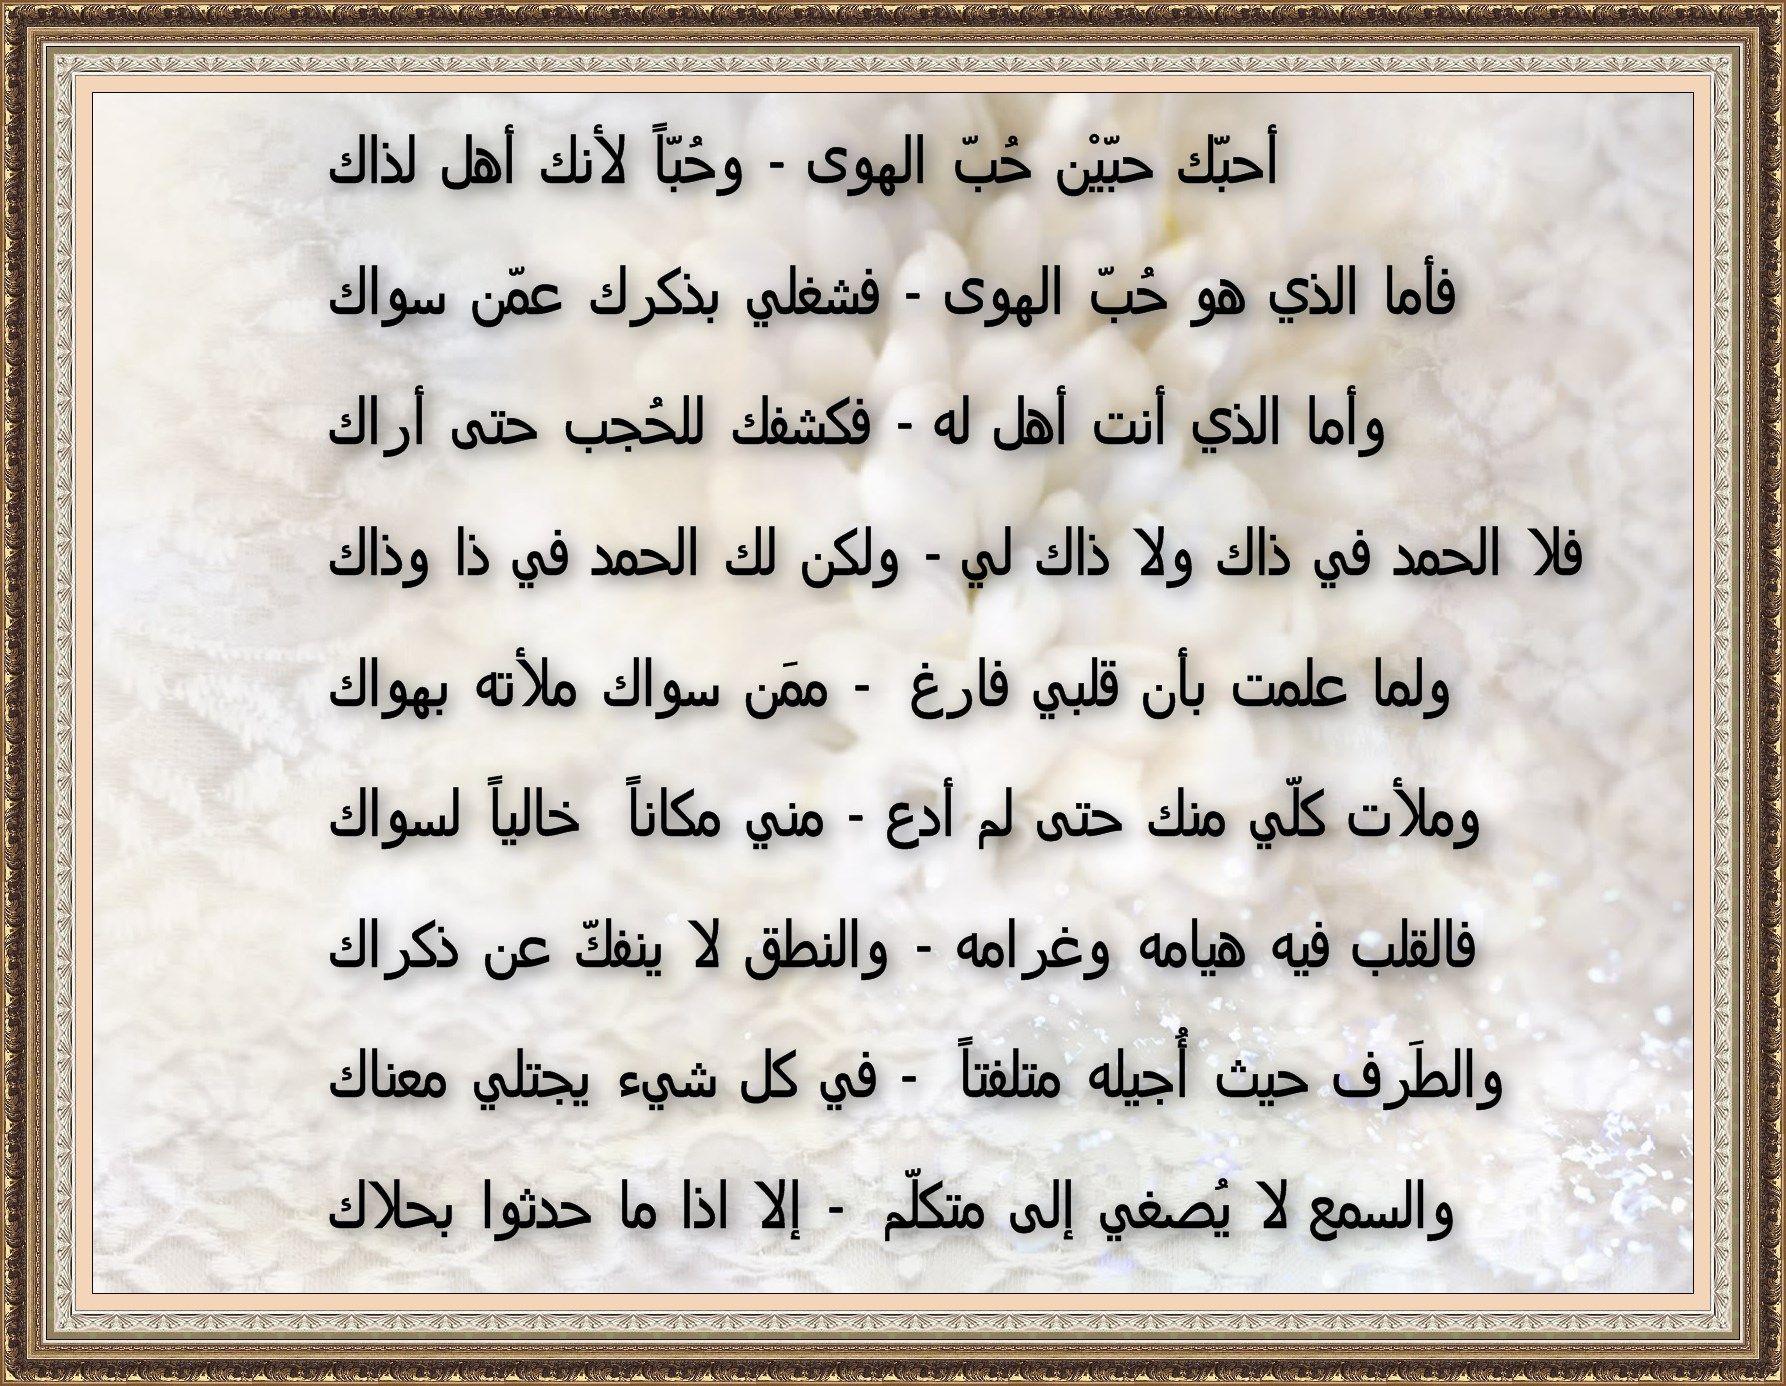 بالصور ابيات شعرية , كلمات تصافح القلوب برفقة الاشعار 1883 9